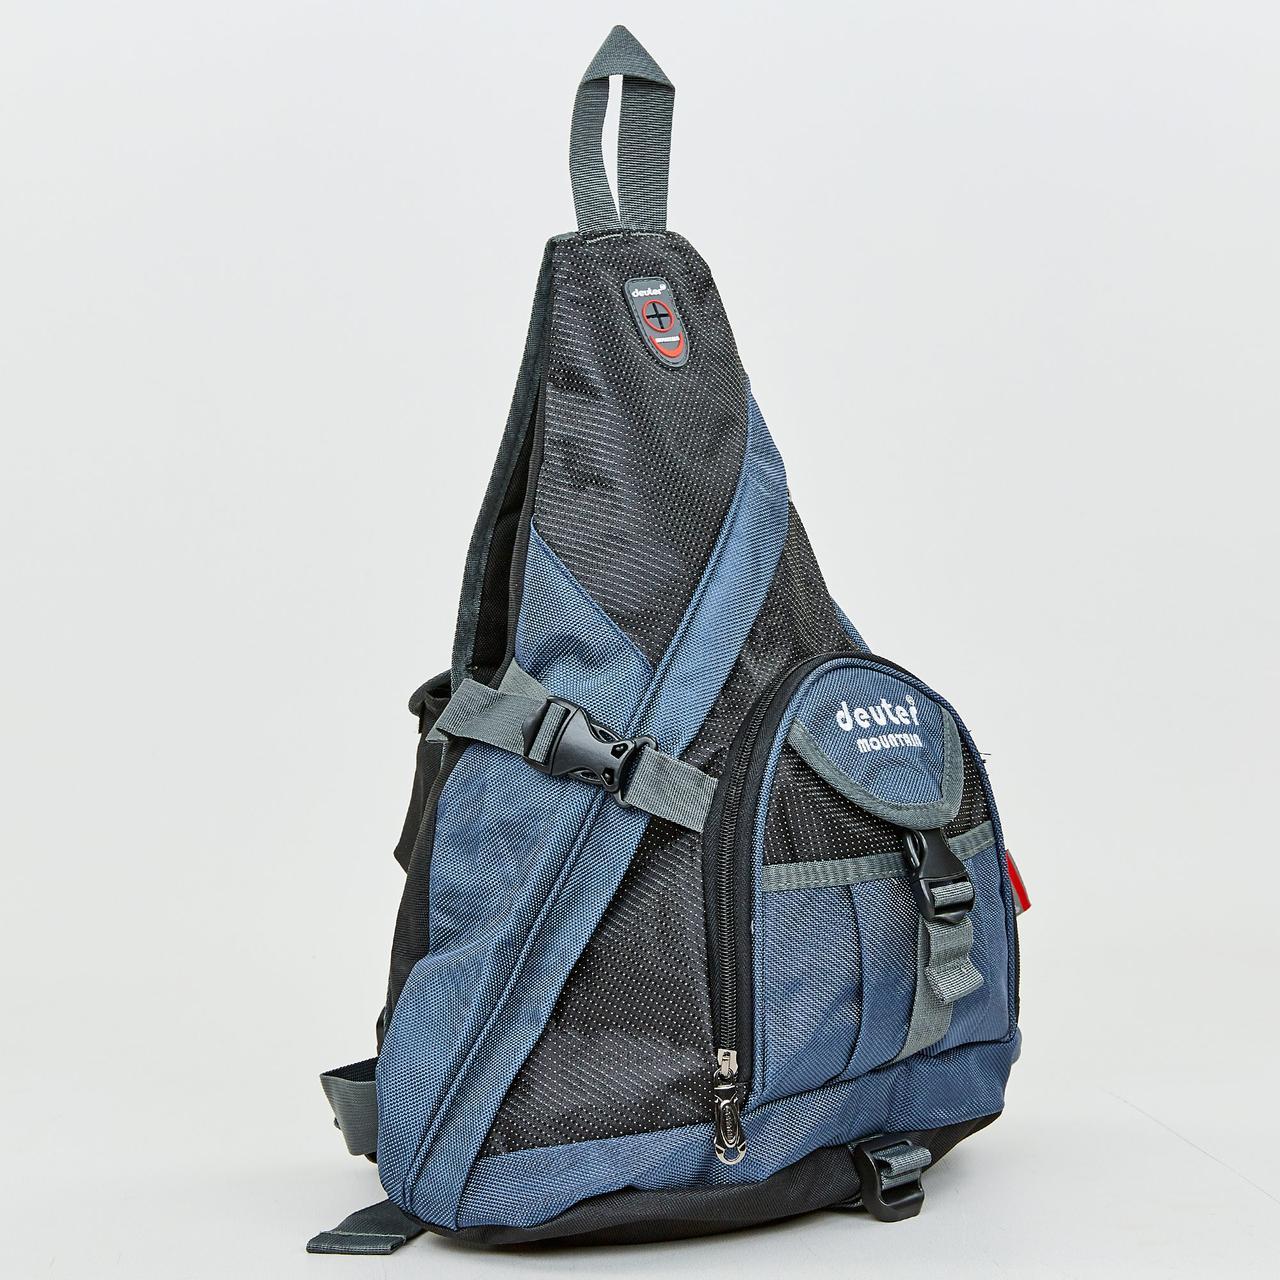 Рюкзак однолямочный DTR (нейлон, размер 48х34х13см) Темно-синий PZ-1159_1